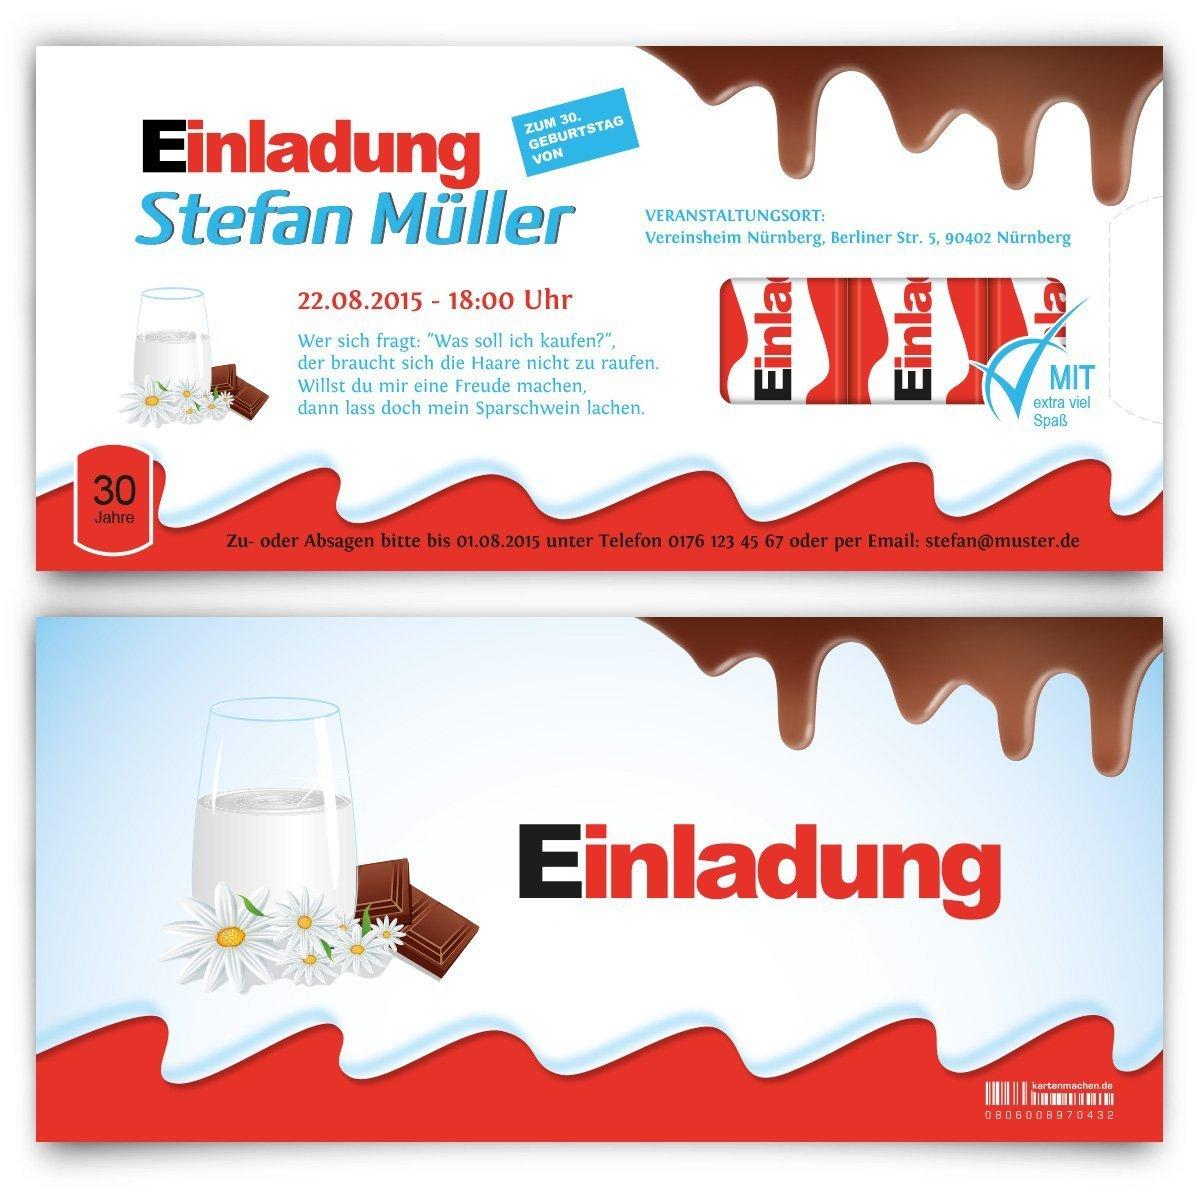 Schön Einladungskarten Zum Geburtstag (40 Stück) Schokolade Für Kinder Schoko  Milch Riegel Kakao: Amazon.de: Bürobedarf U0026 Schreibwaren